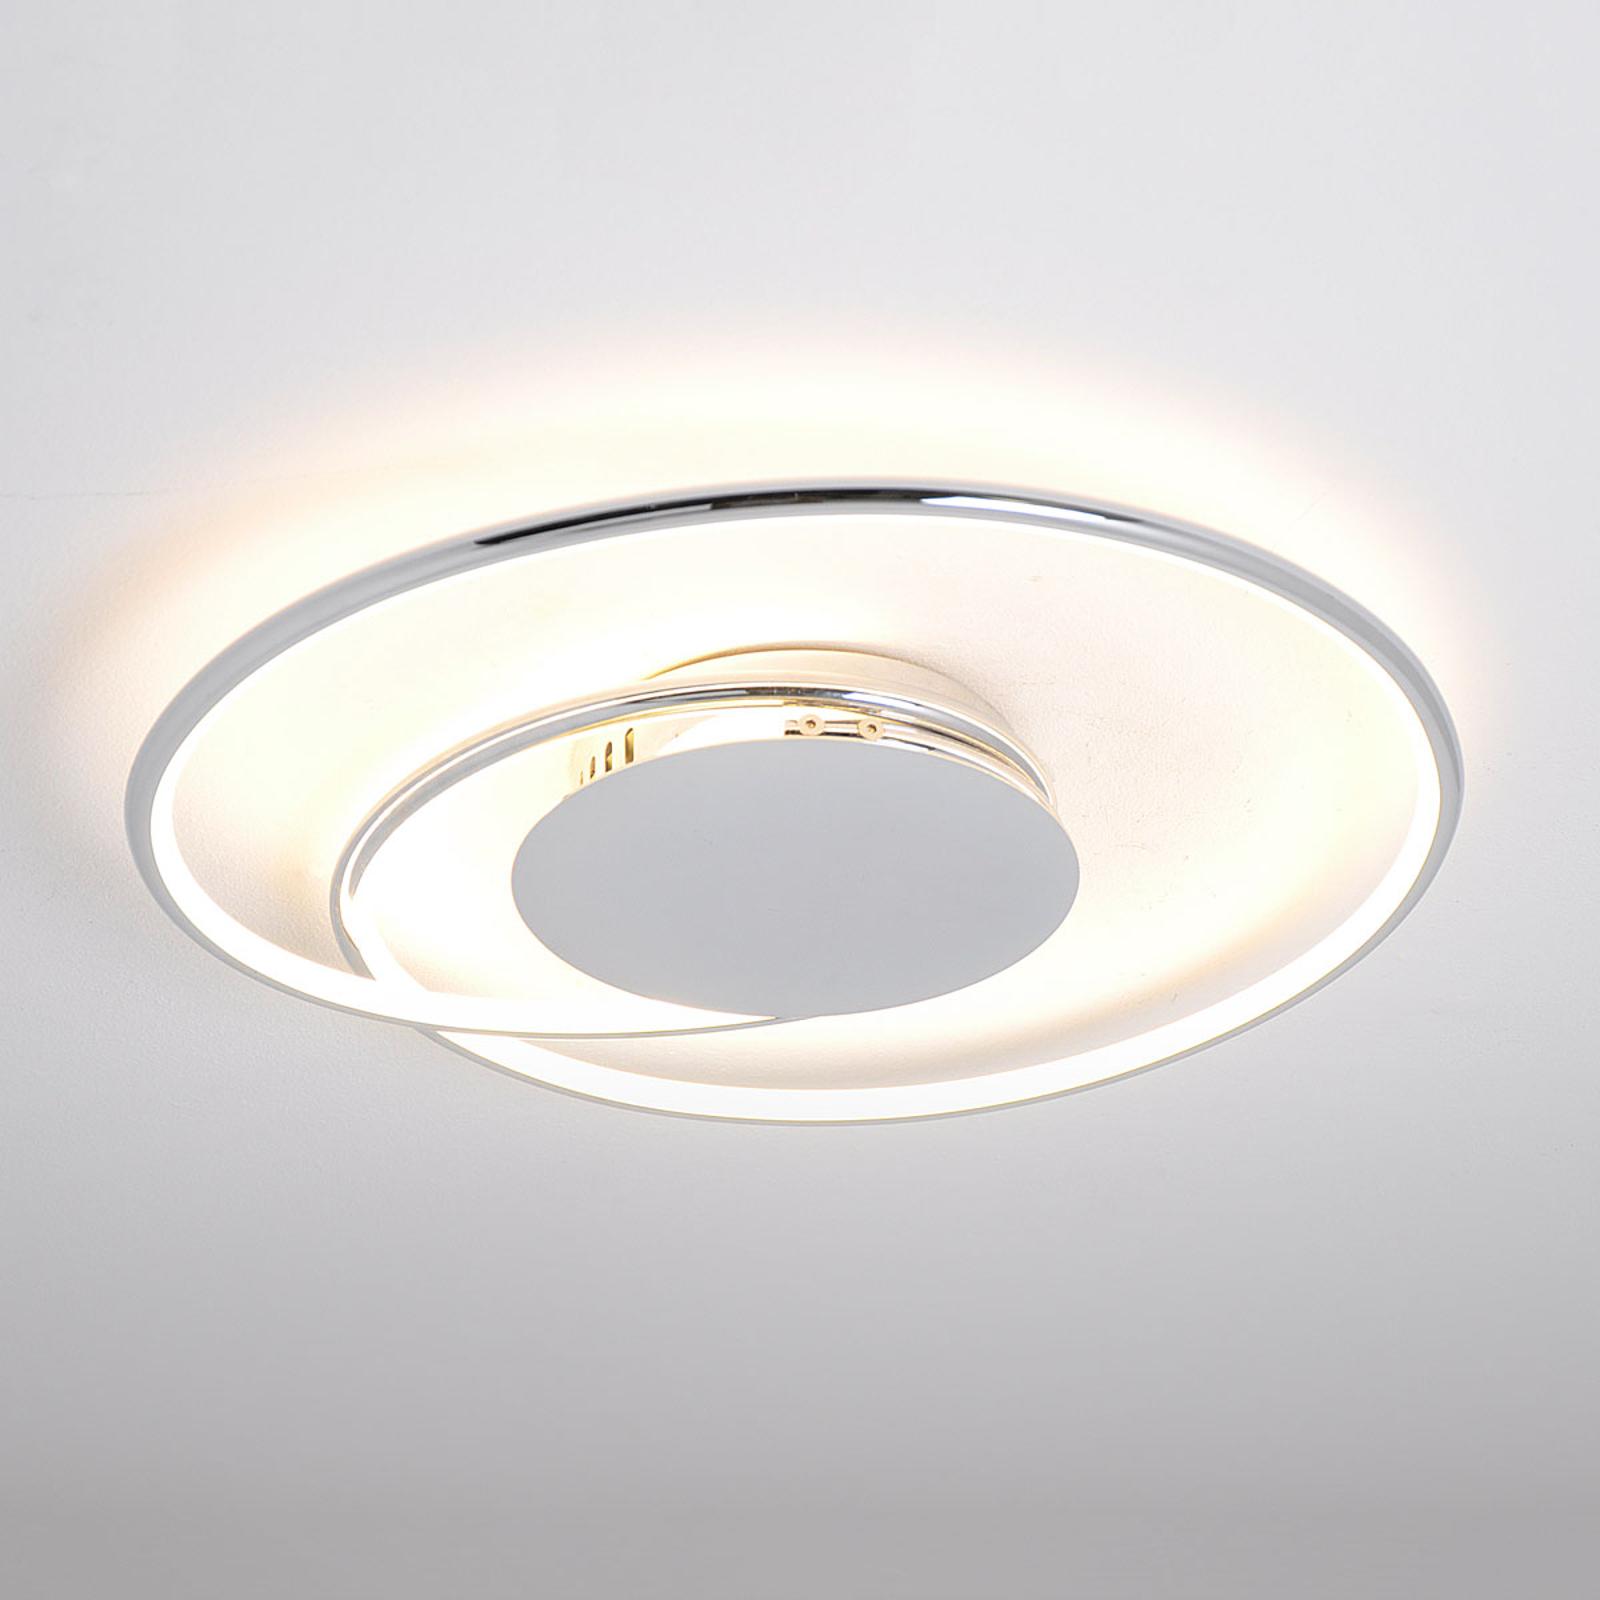 LED-Deckenlampe Joline, chrom, 46 cm